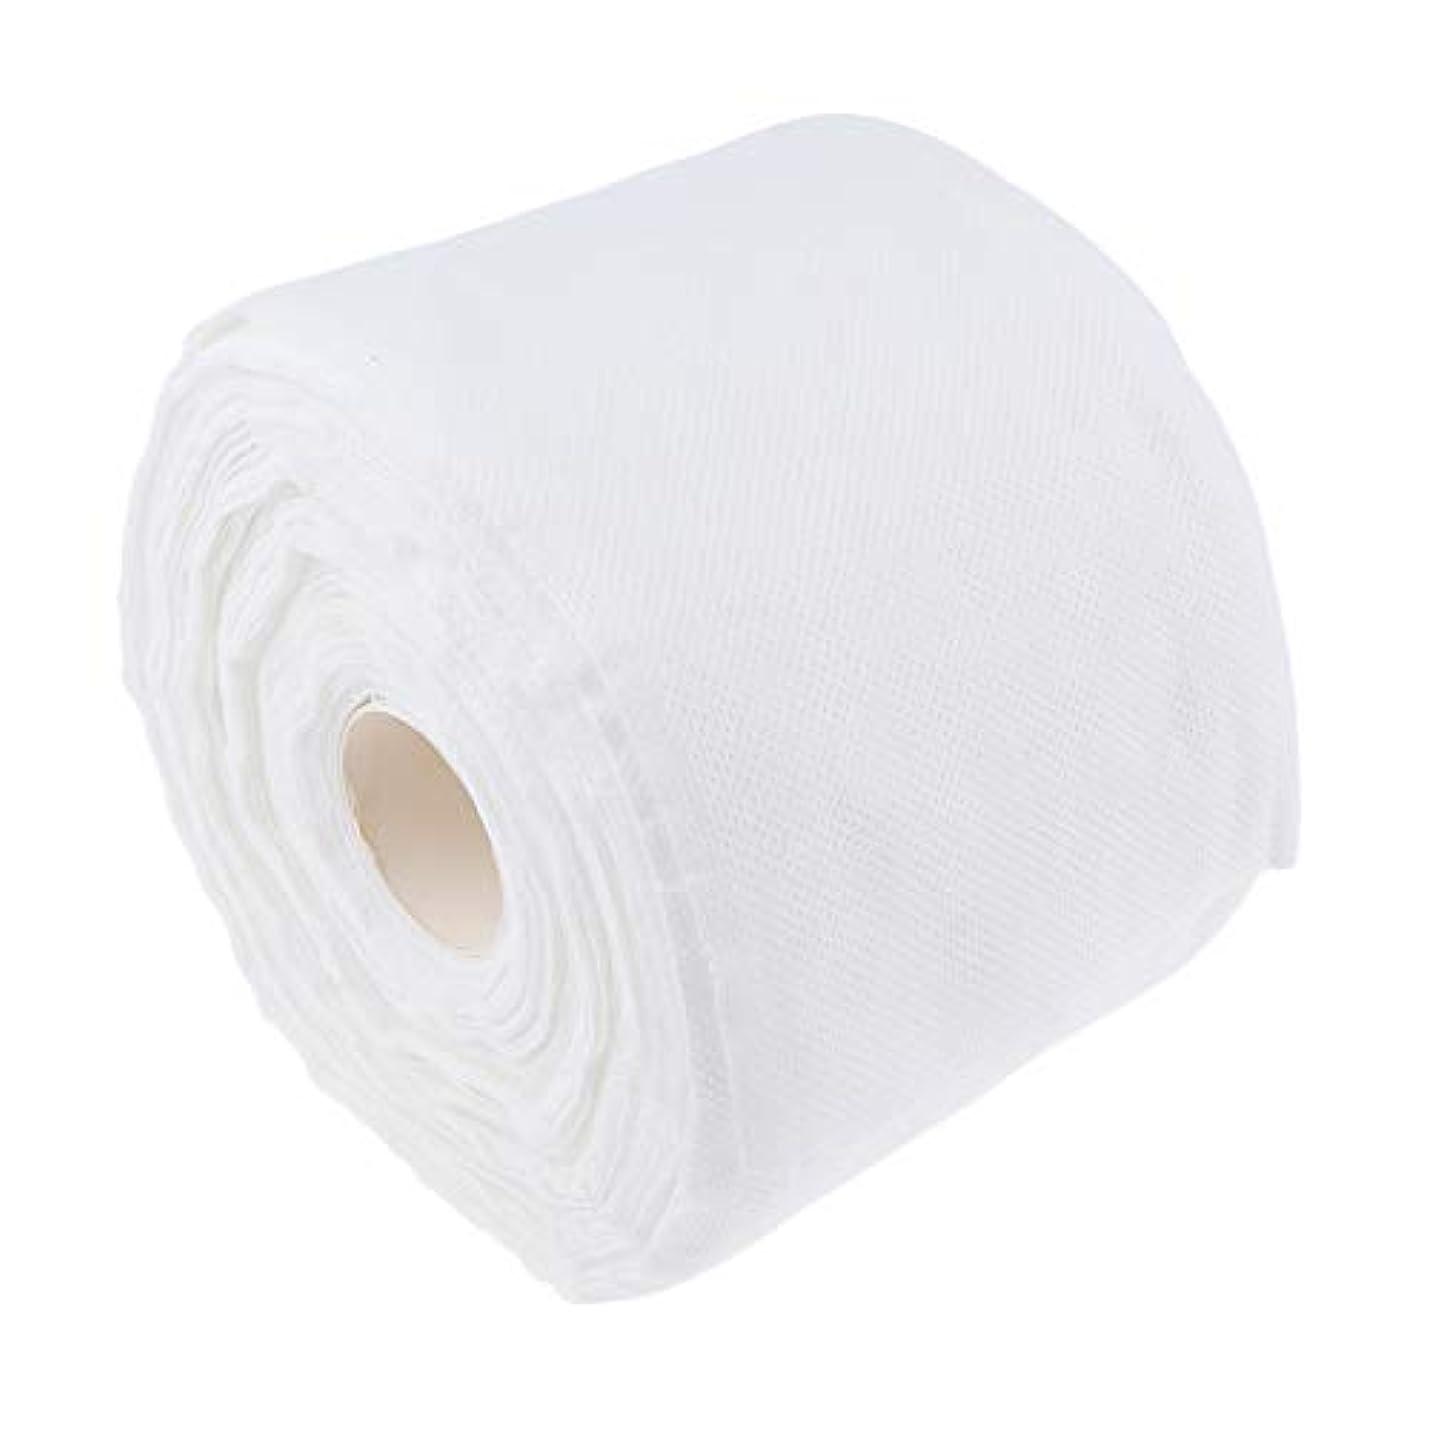 メイクコットンパッド 使い捨て 柔らか コットン タオル クリーニング 拭き取り ティッシュロール